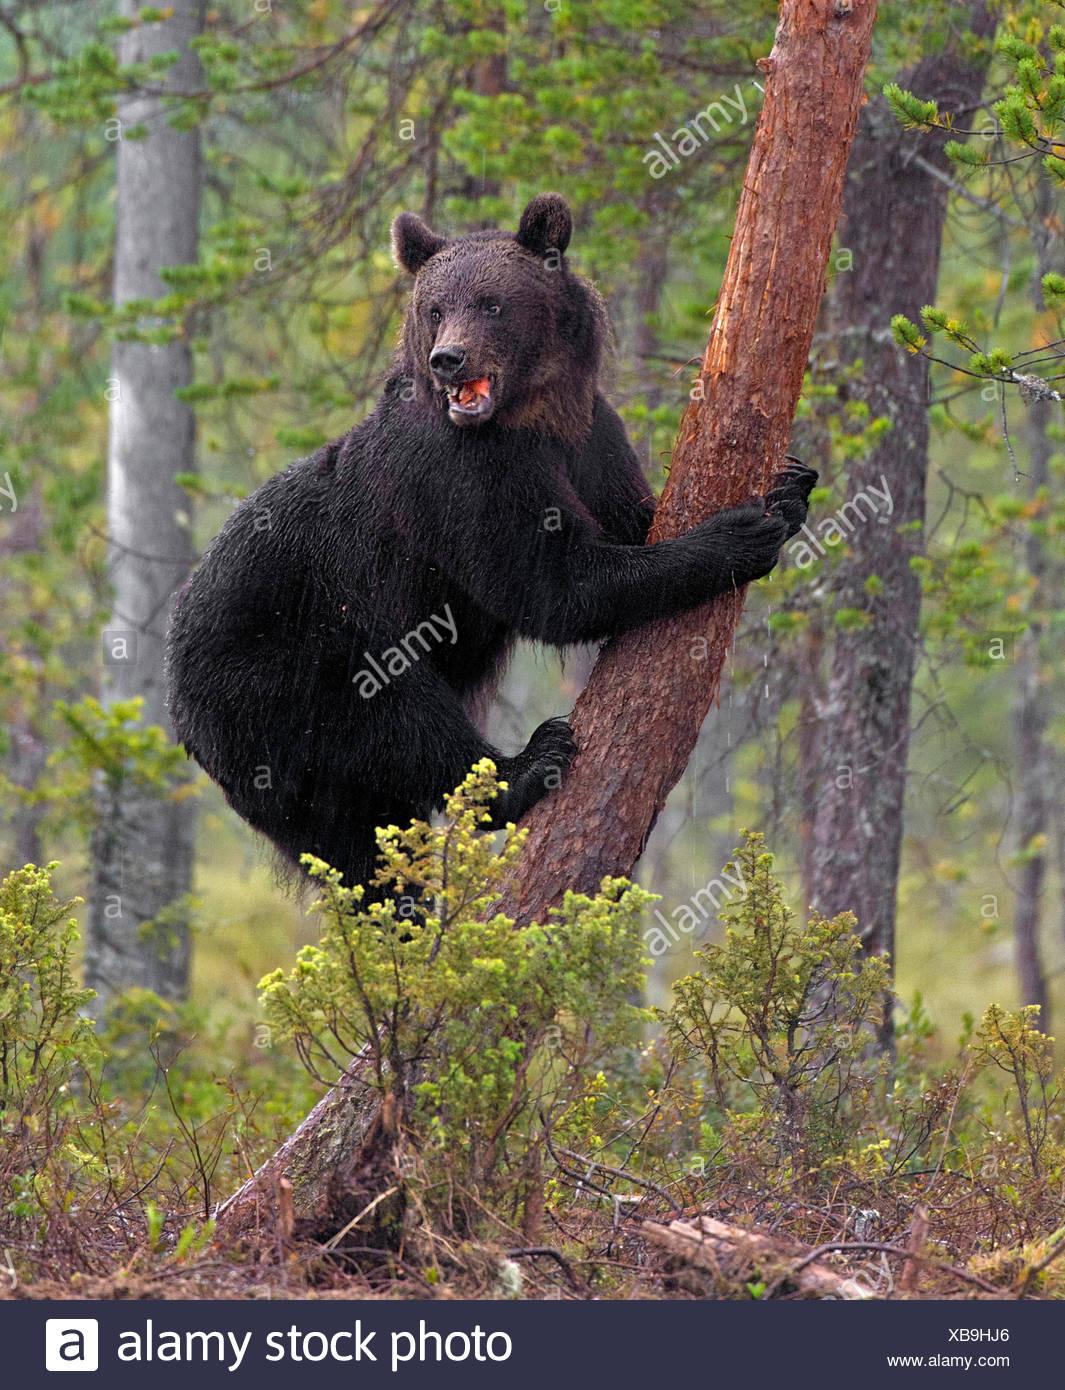 Ziemlich Braunbär Färbung Blatt Fotos - Malvorlagen Von Tieren ...